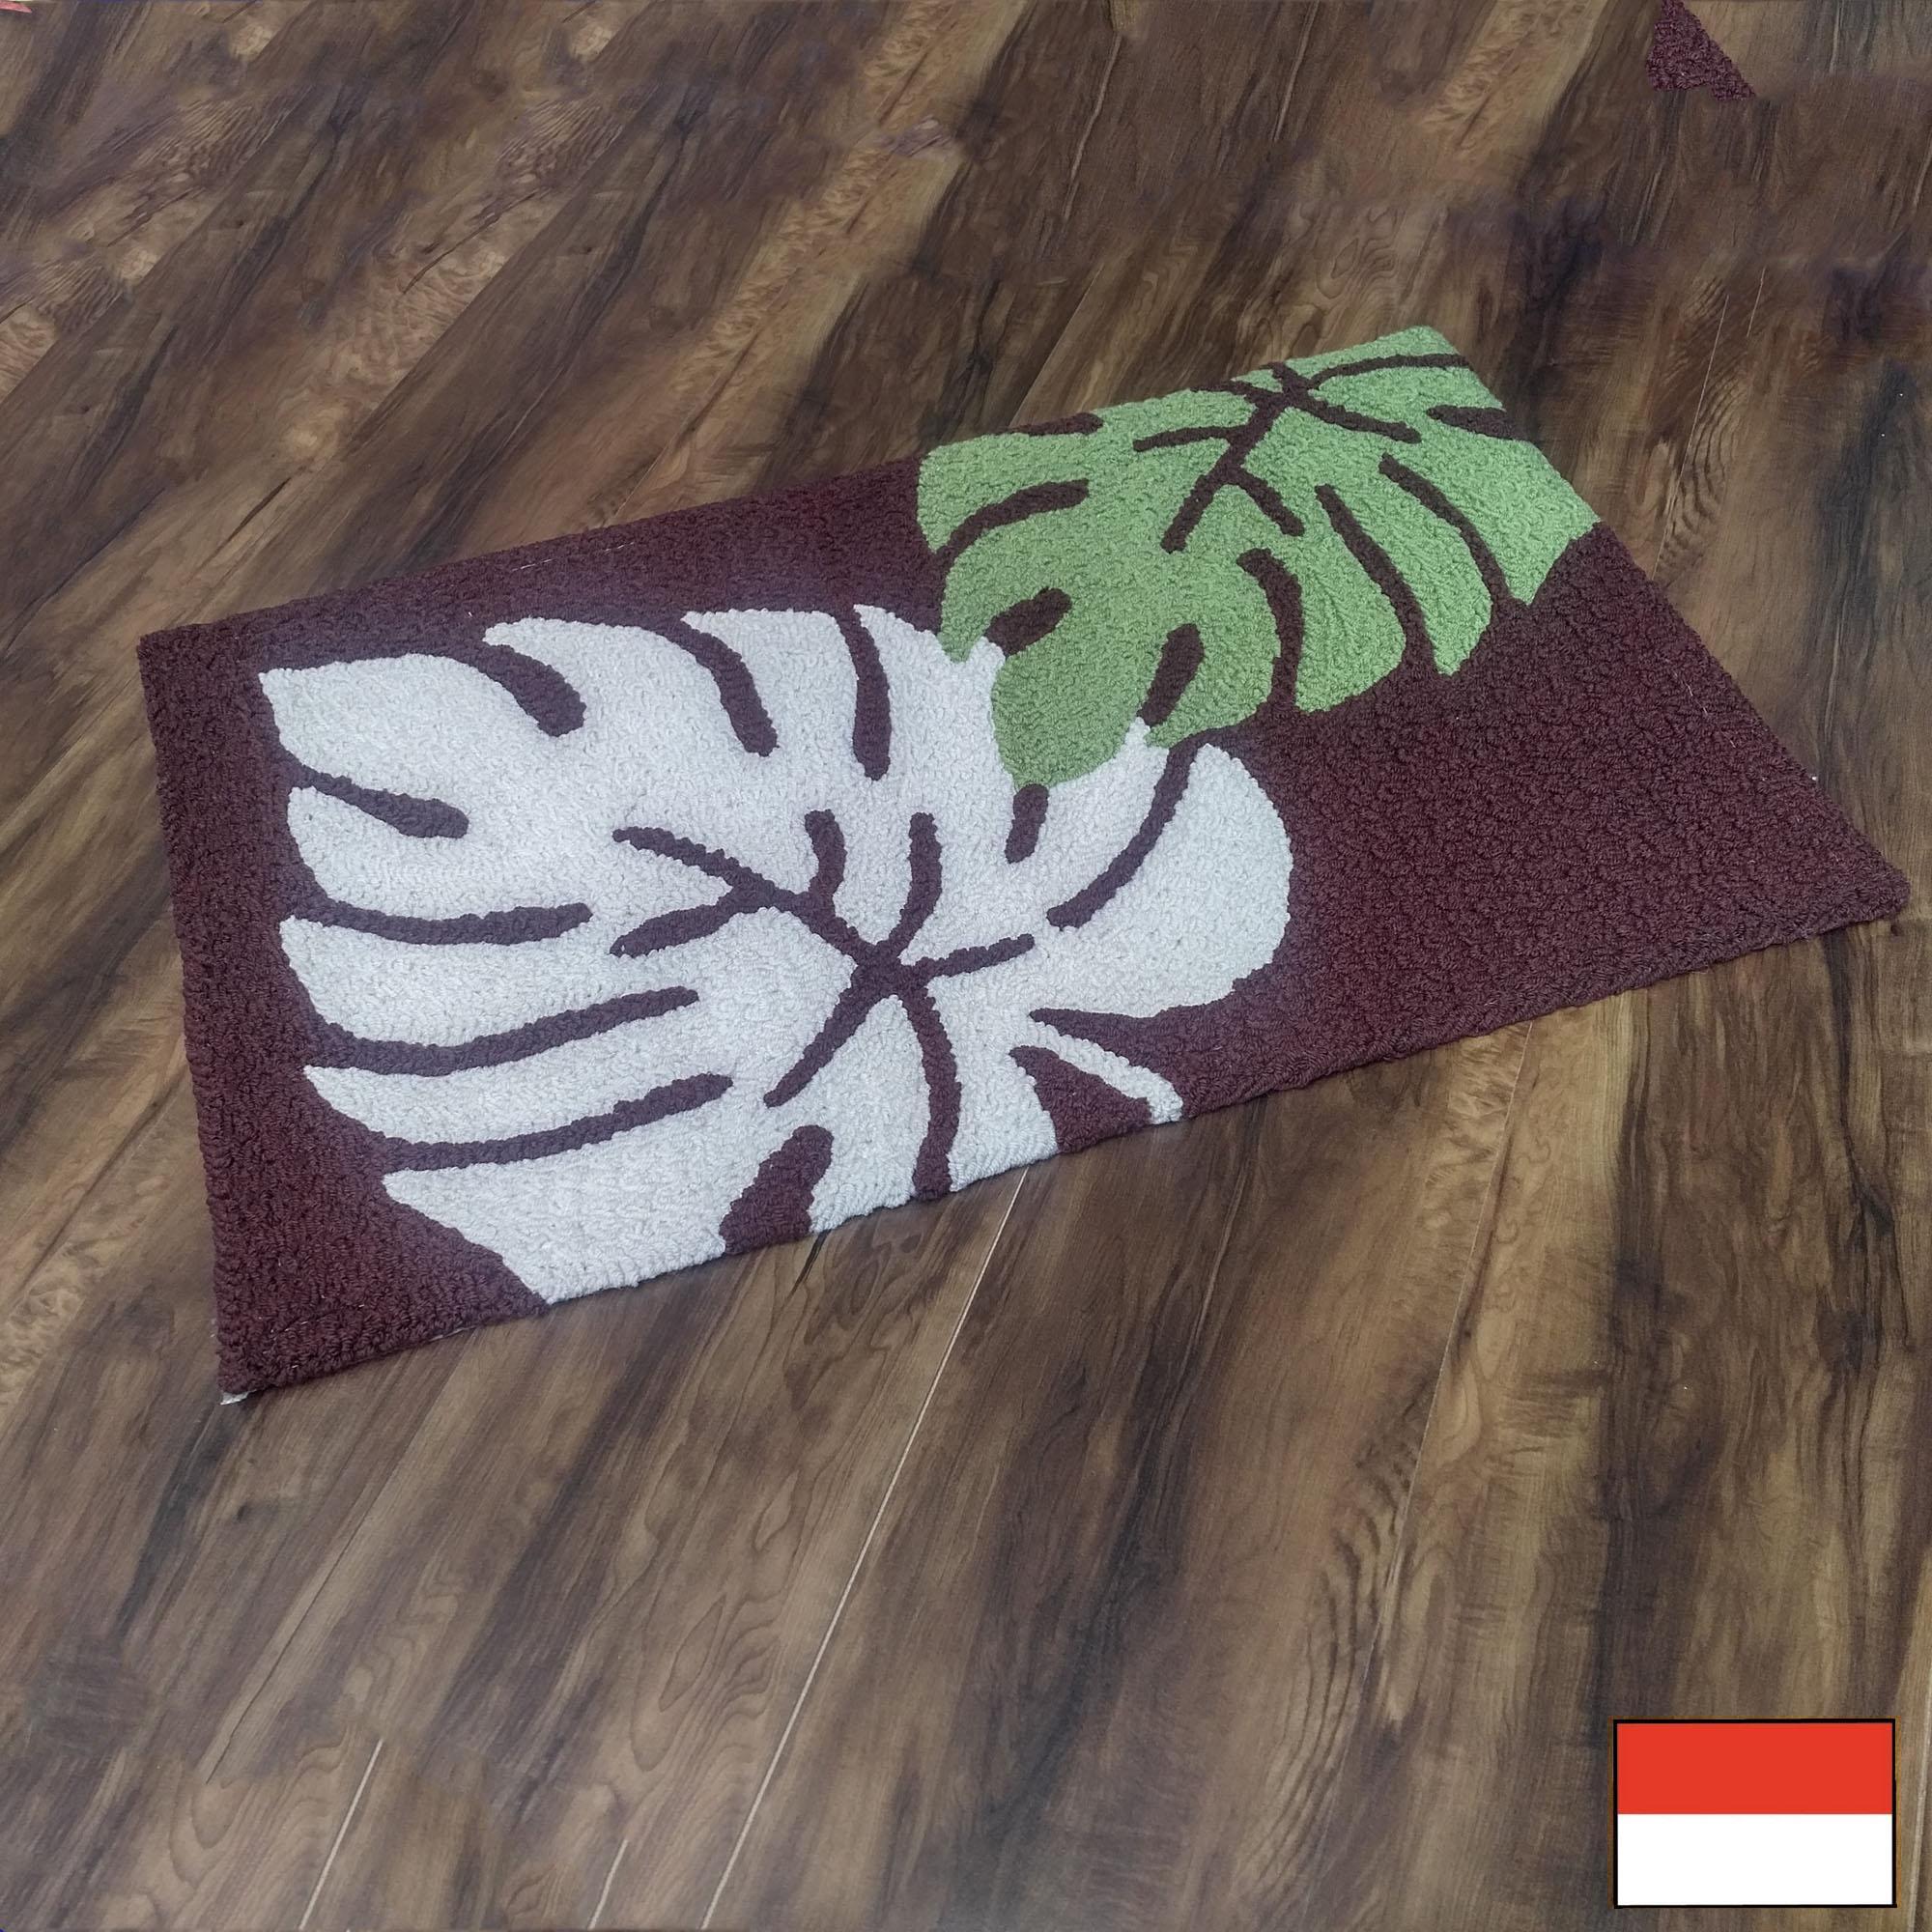 Tren-D-rugs - Keset Kaki Anyaman Bulu Acrylic 50 cm x 80 cm / Keset Dapur- Leaf - NMs